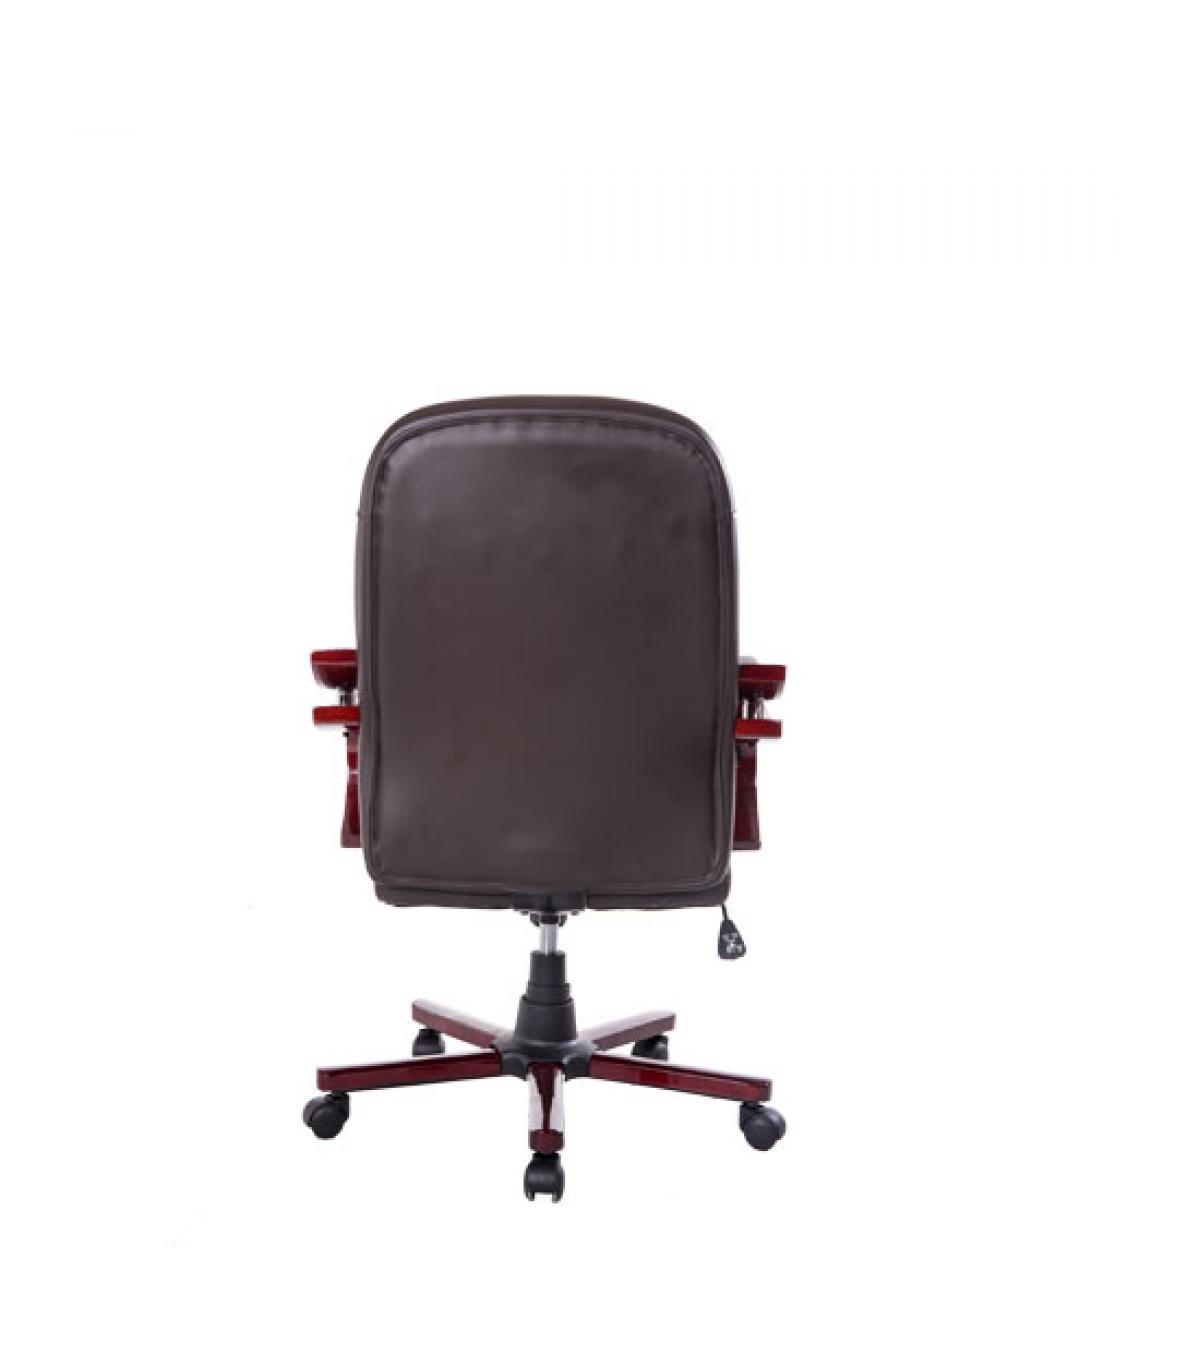 Homcon Silla Oficina Escritorio Giratoria para Despacho - Color Rojo ...